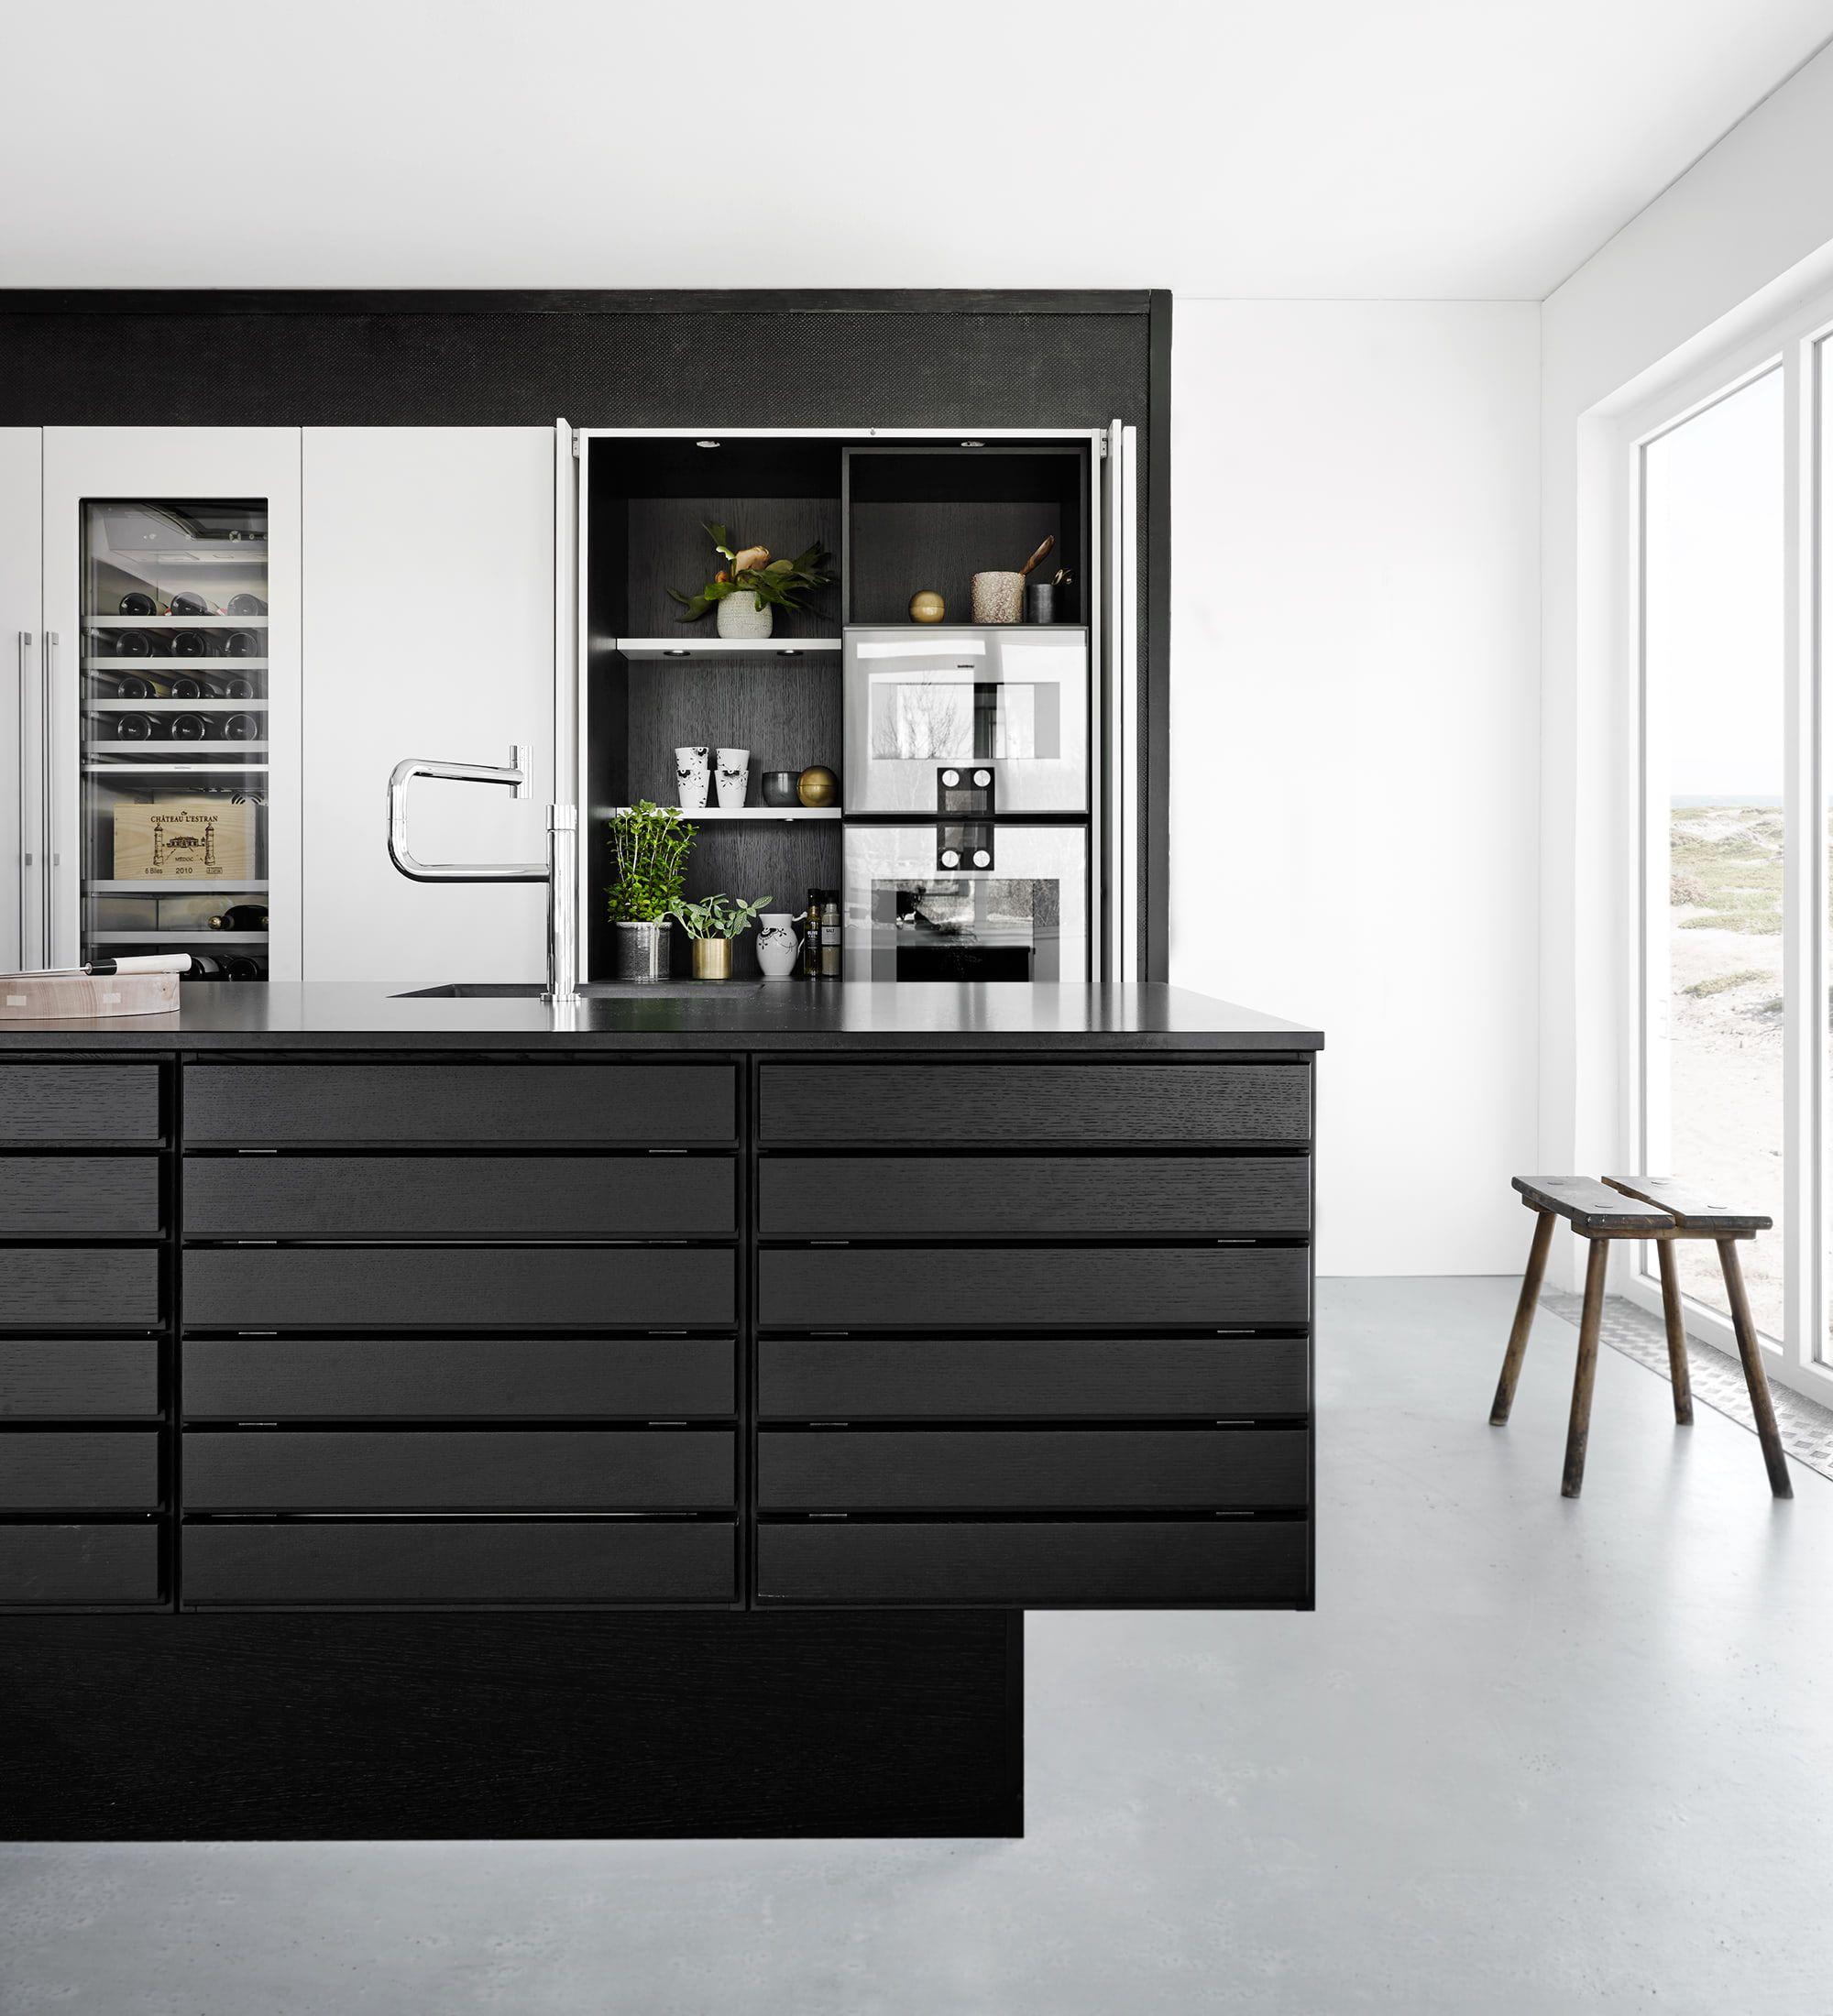 Küchenideen eng schwarz und matt die schönsten küchenideen und bilder